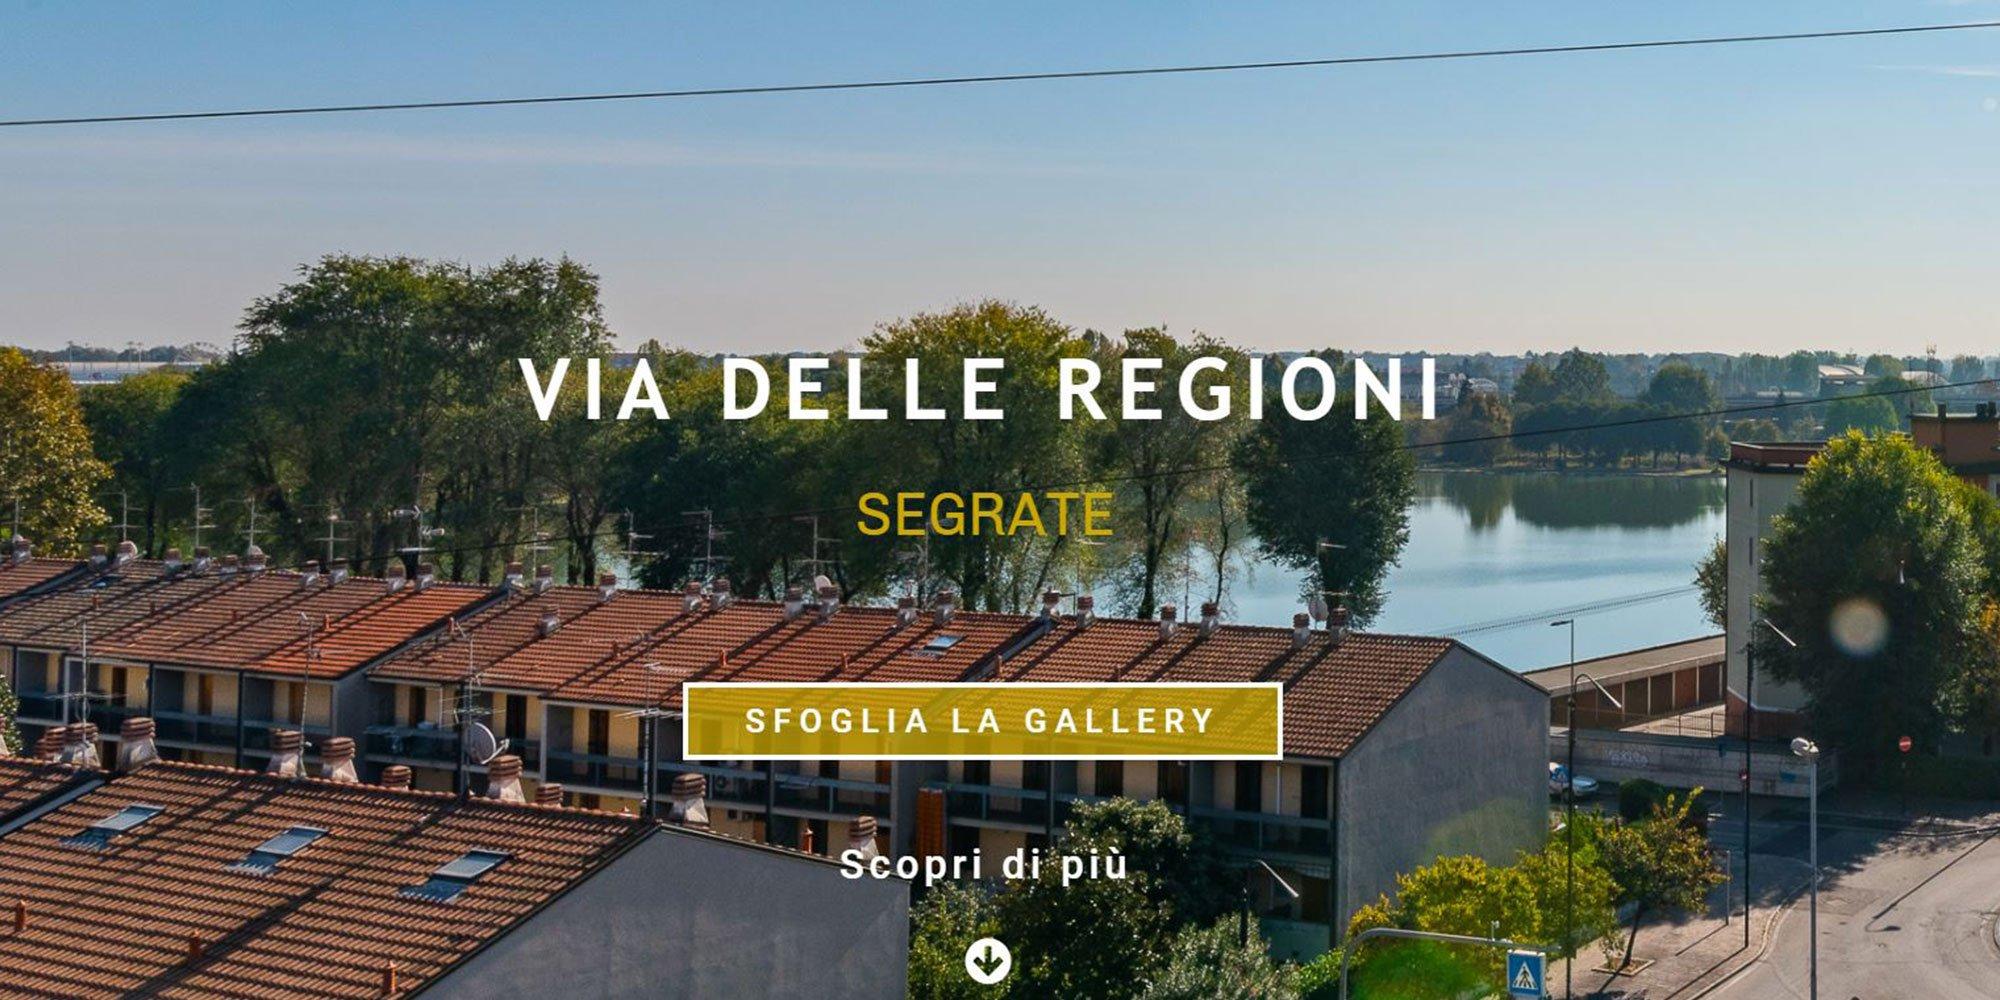 Portfolio Clienti | Gabetti Milano SPA appartamenti in via della regione